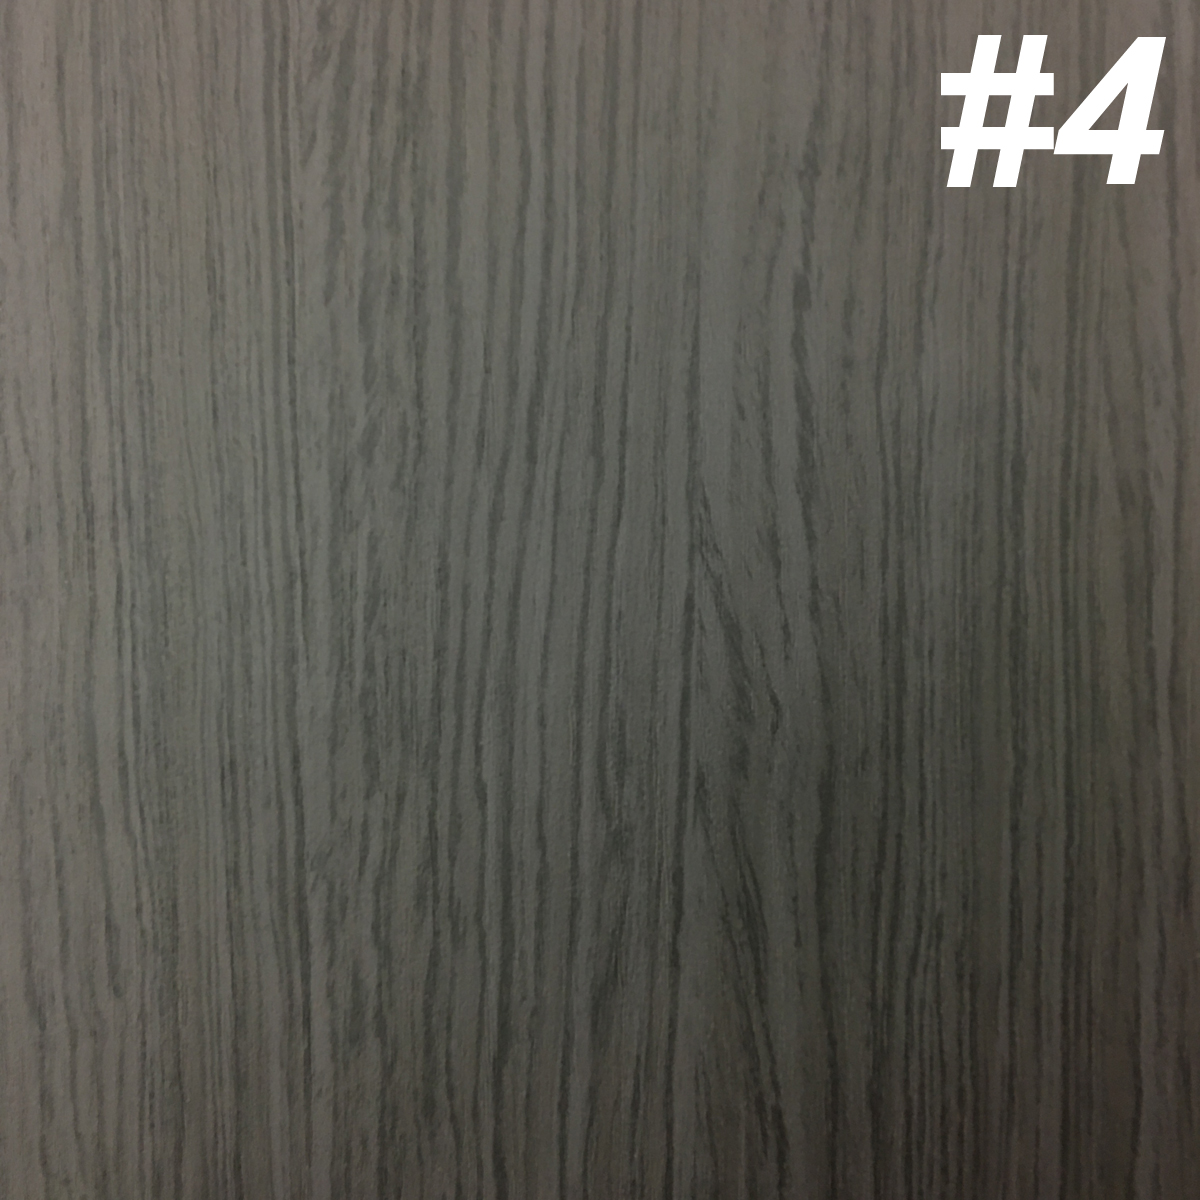 【黒部屋シリーズ】黒色壁紙クロス4種ブラックウォールペーパー_画像9